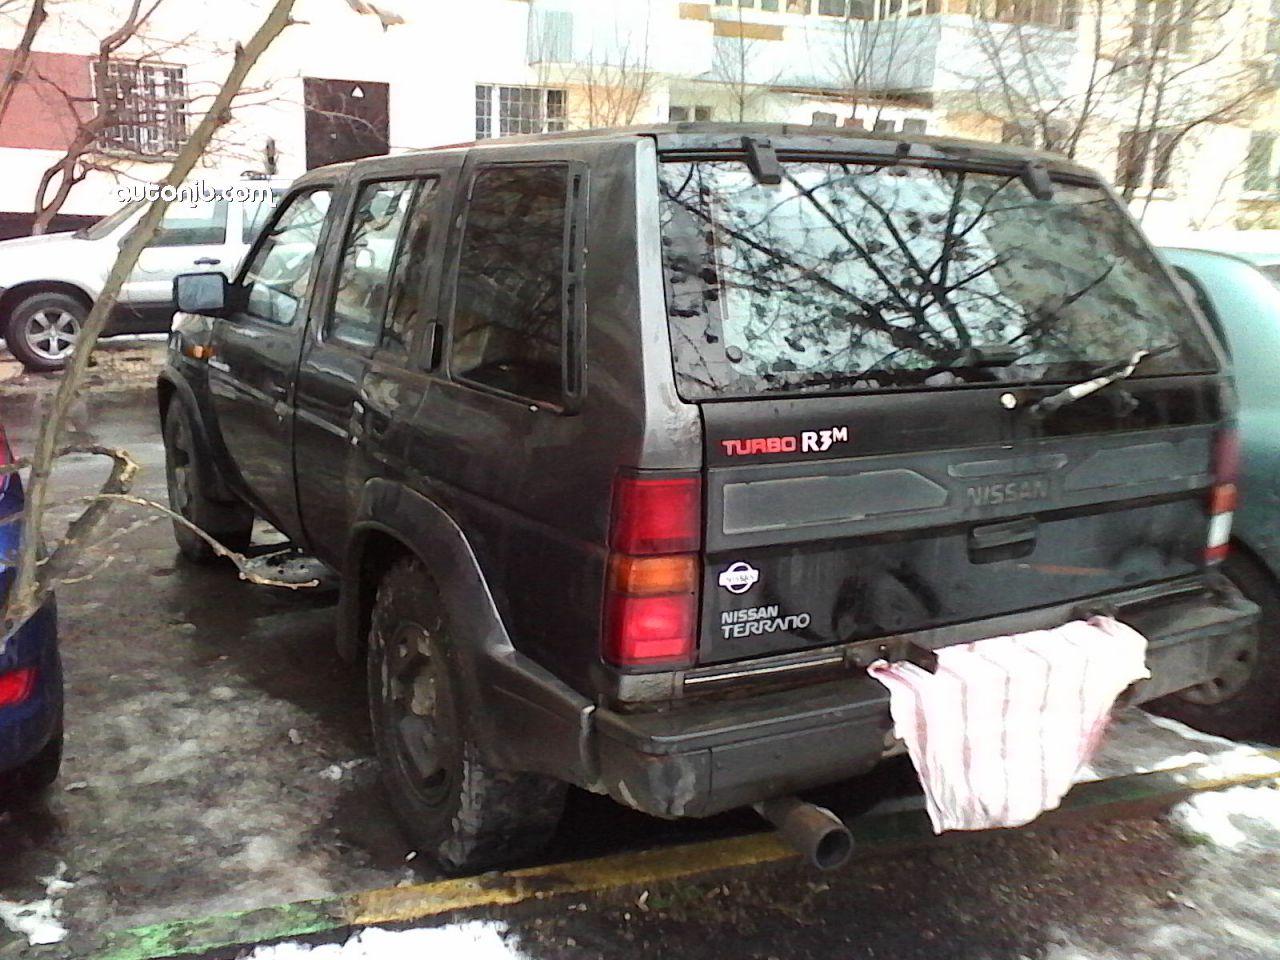 Купить Nissan Terrano 1990 года в городе Москва